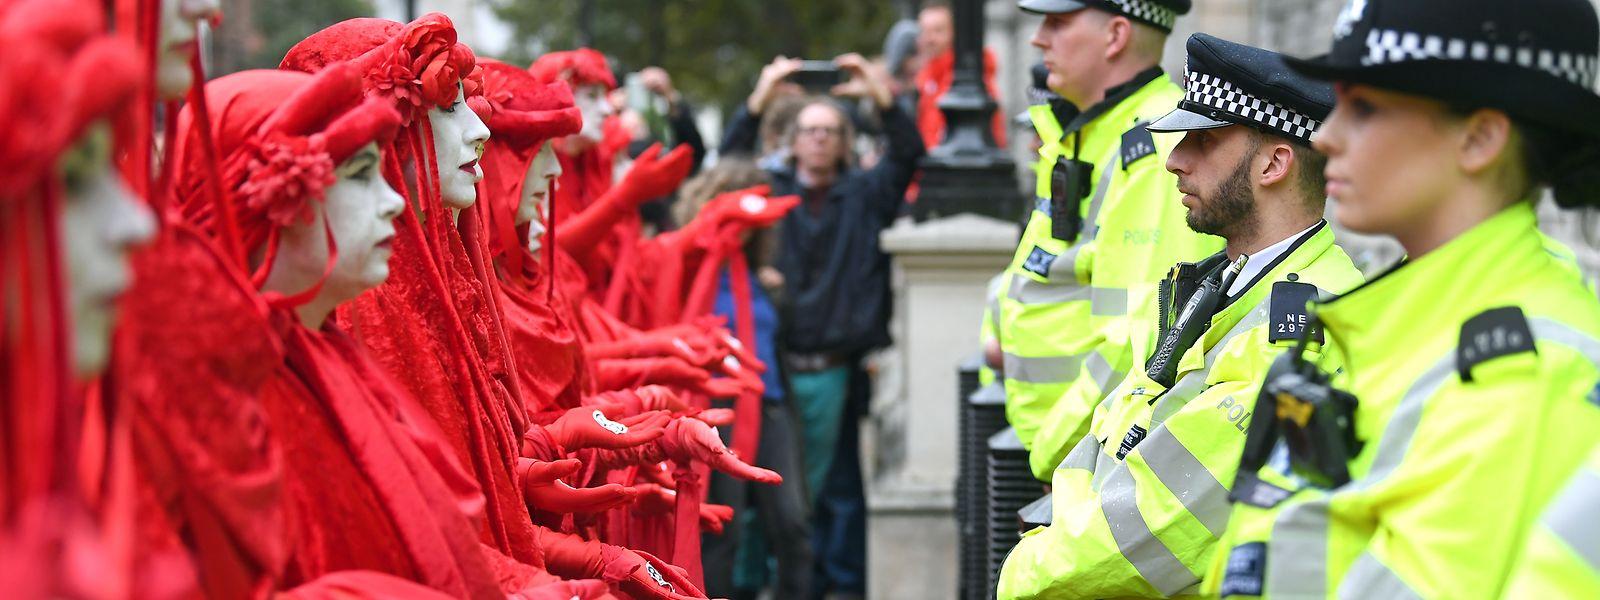 Aktivisten der Klimabewegung «Extinction Rebellion» stehen in roten Gewändern gegenüber von Polizisten vor dem Cabinet Office in London.